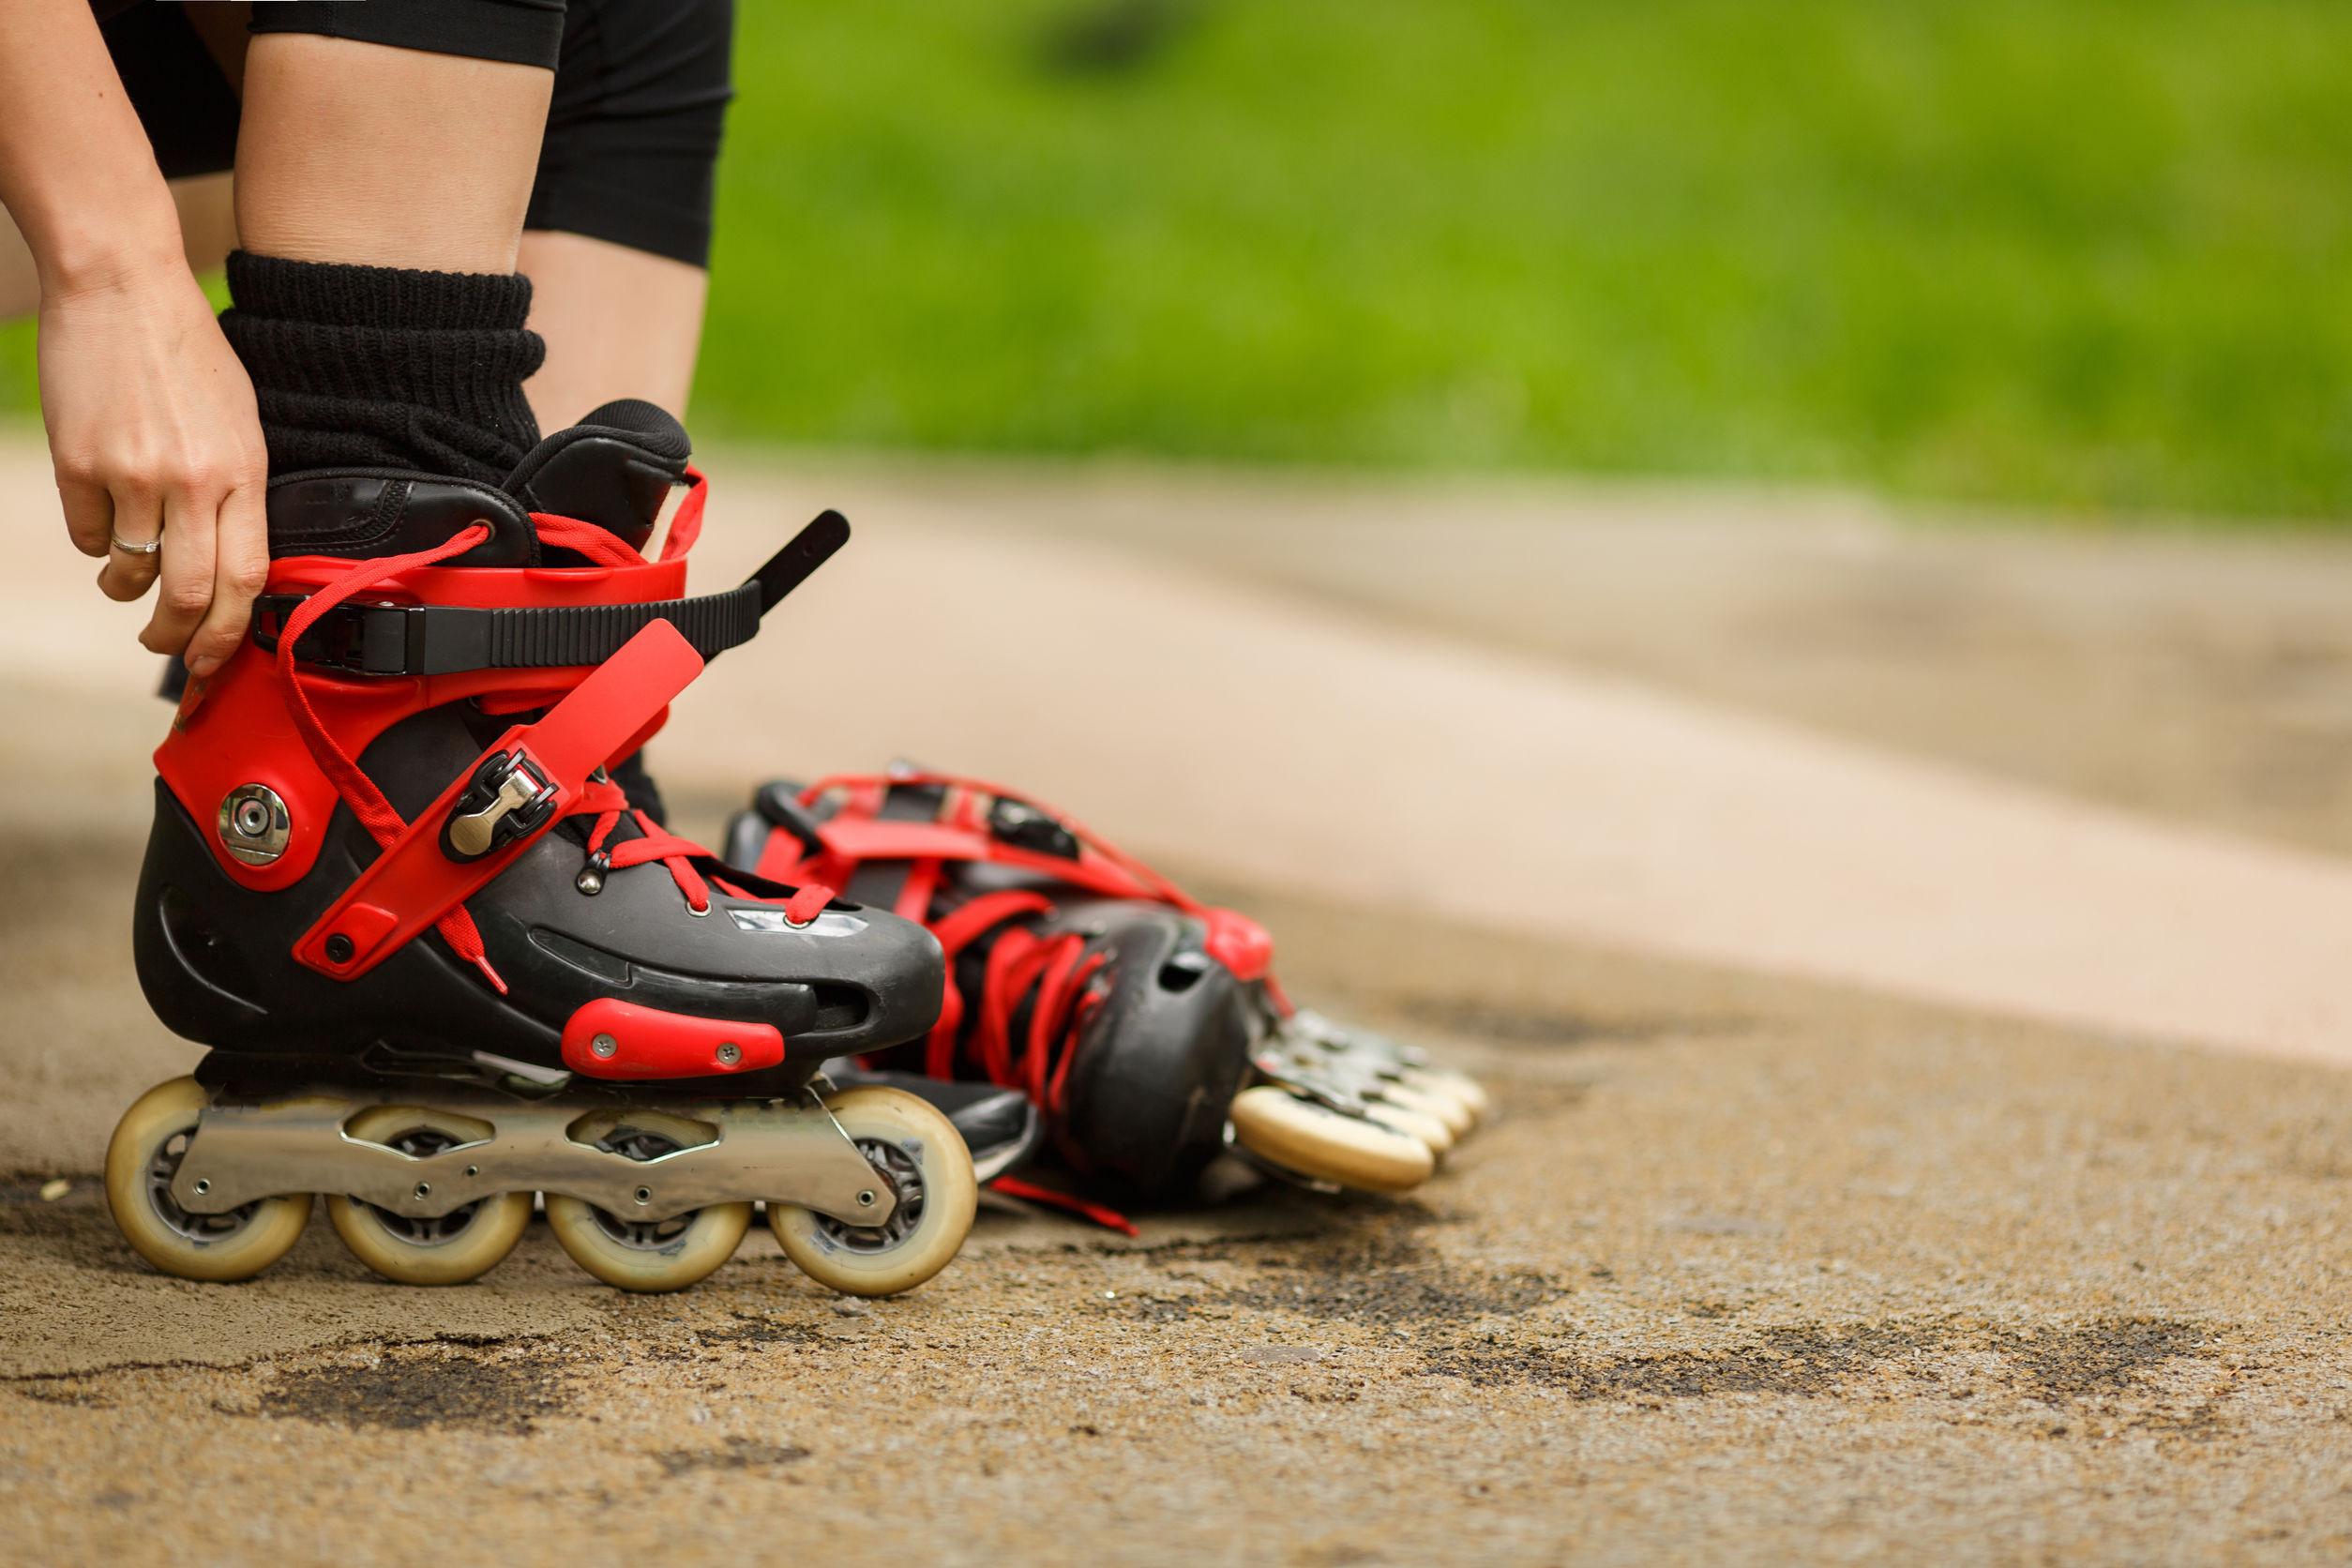 Imagem mostra uma mão de uma pessoa ajustando um patins no seu pé, apoiado verticalmente sobre suas quatro rodas em linha, com o outro pé do patins deitado ao seu lado